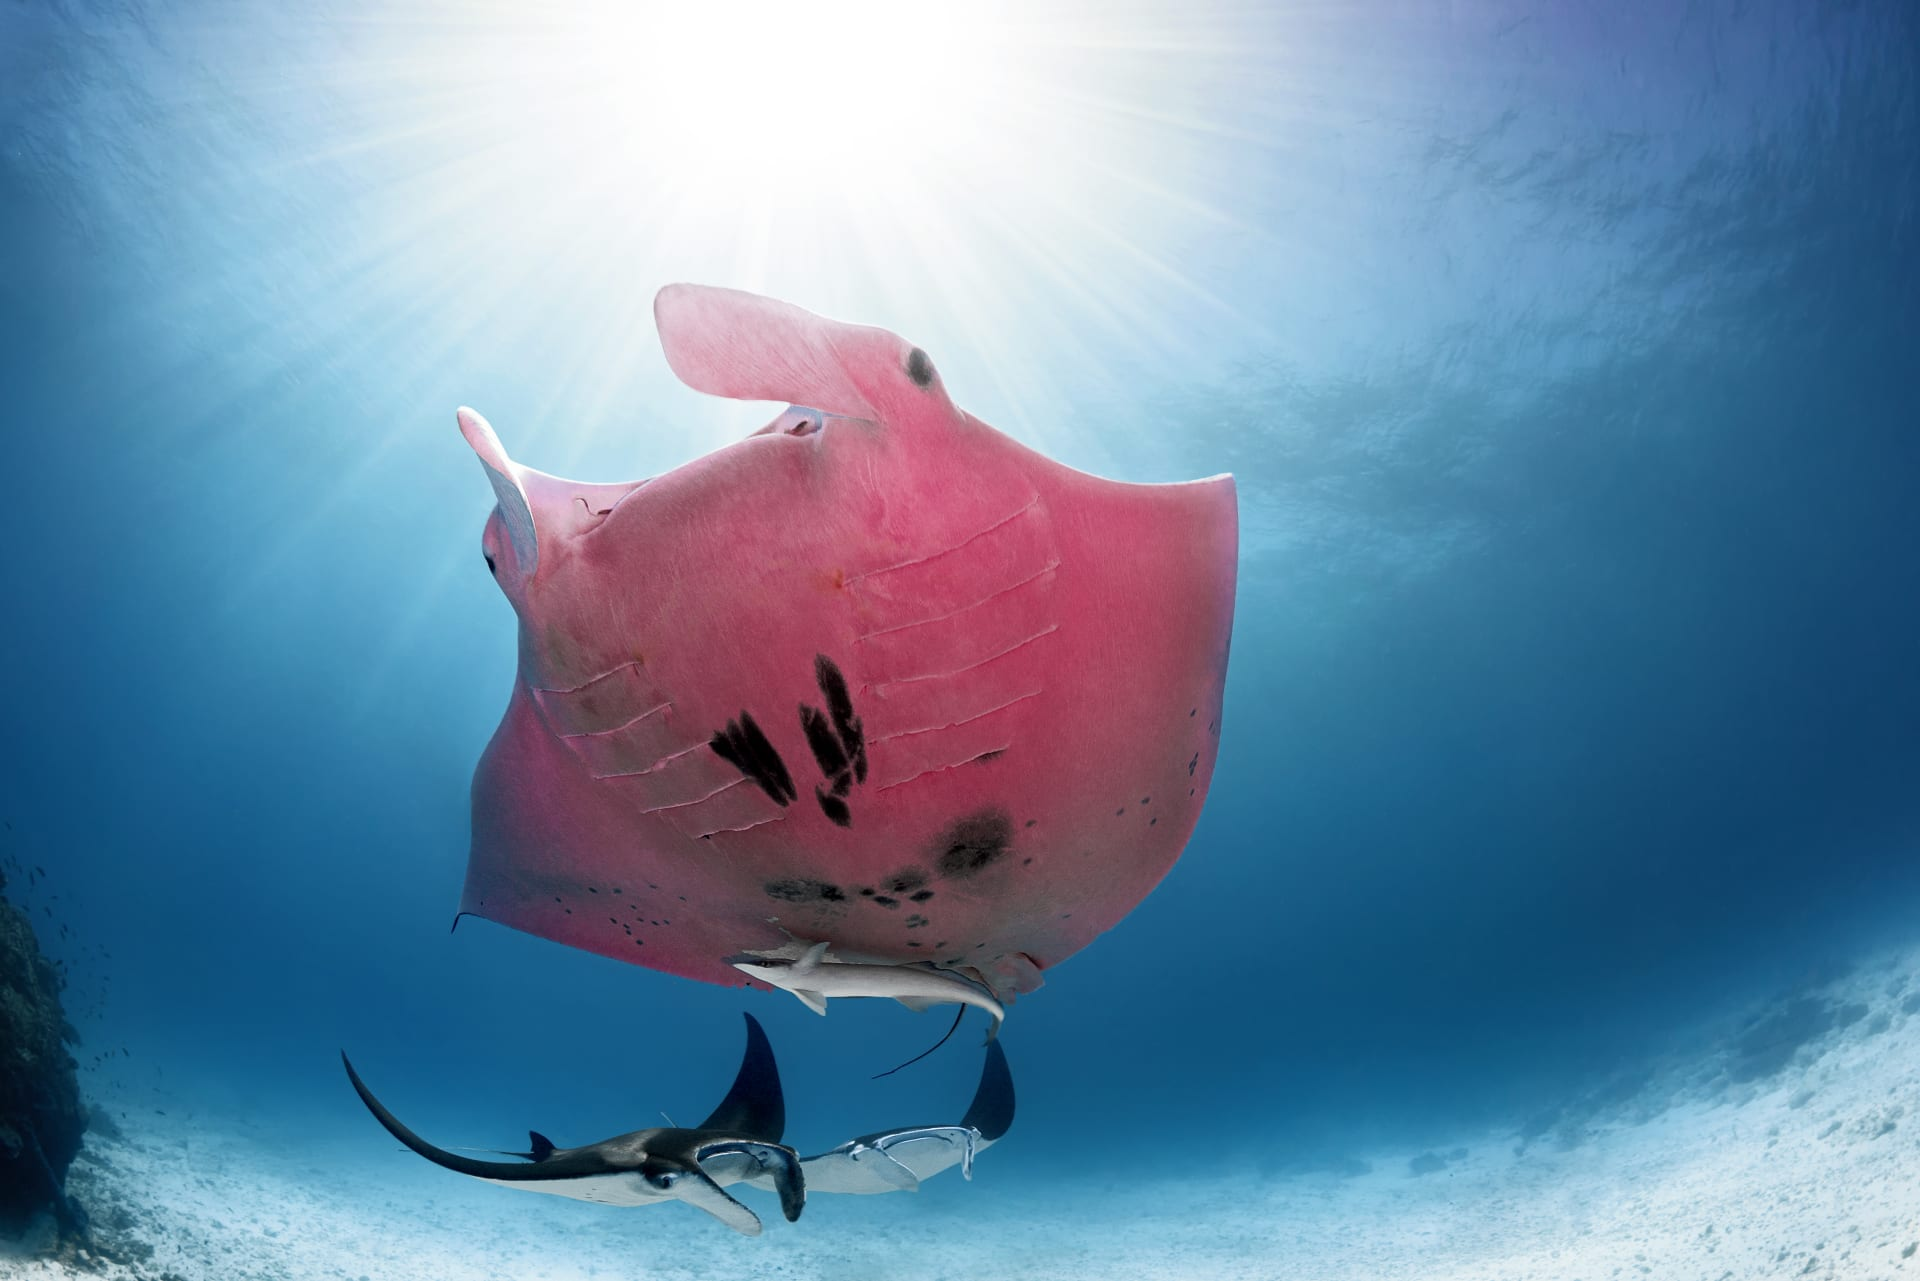 أسماك شيطان البحر الوردية